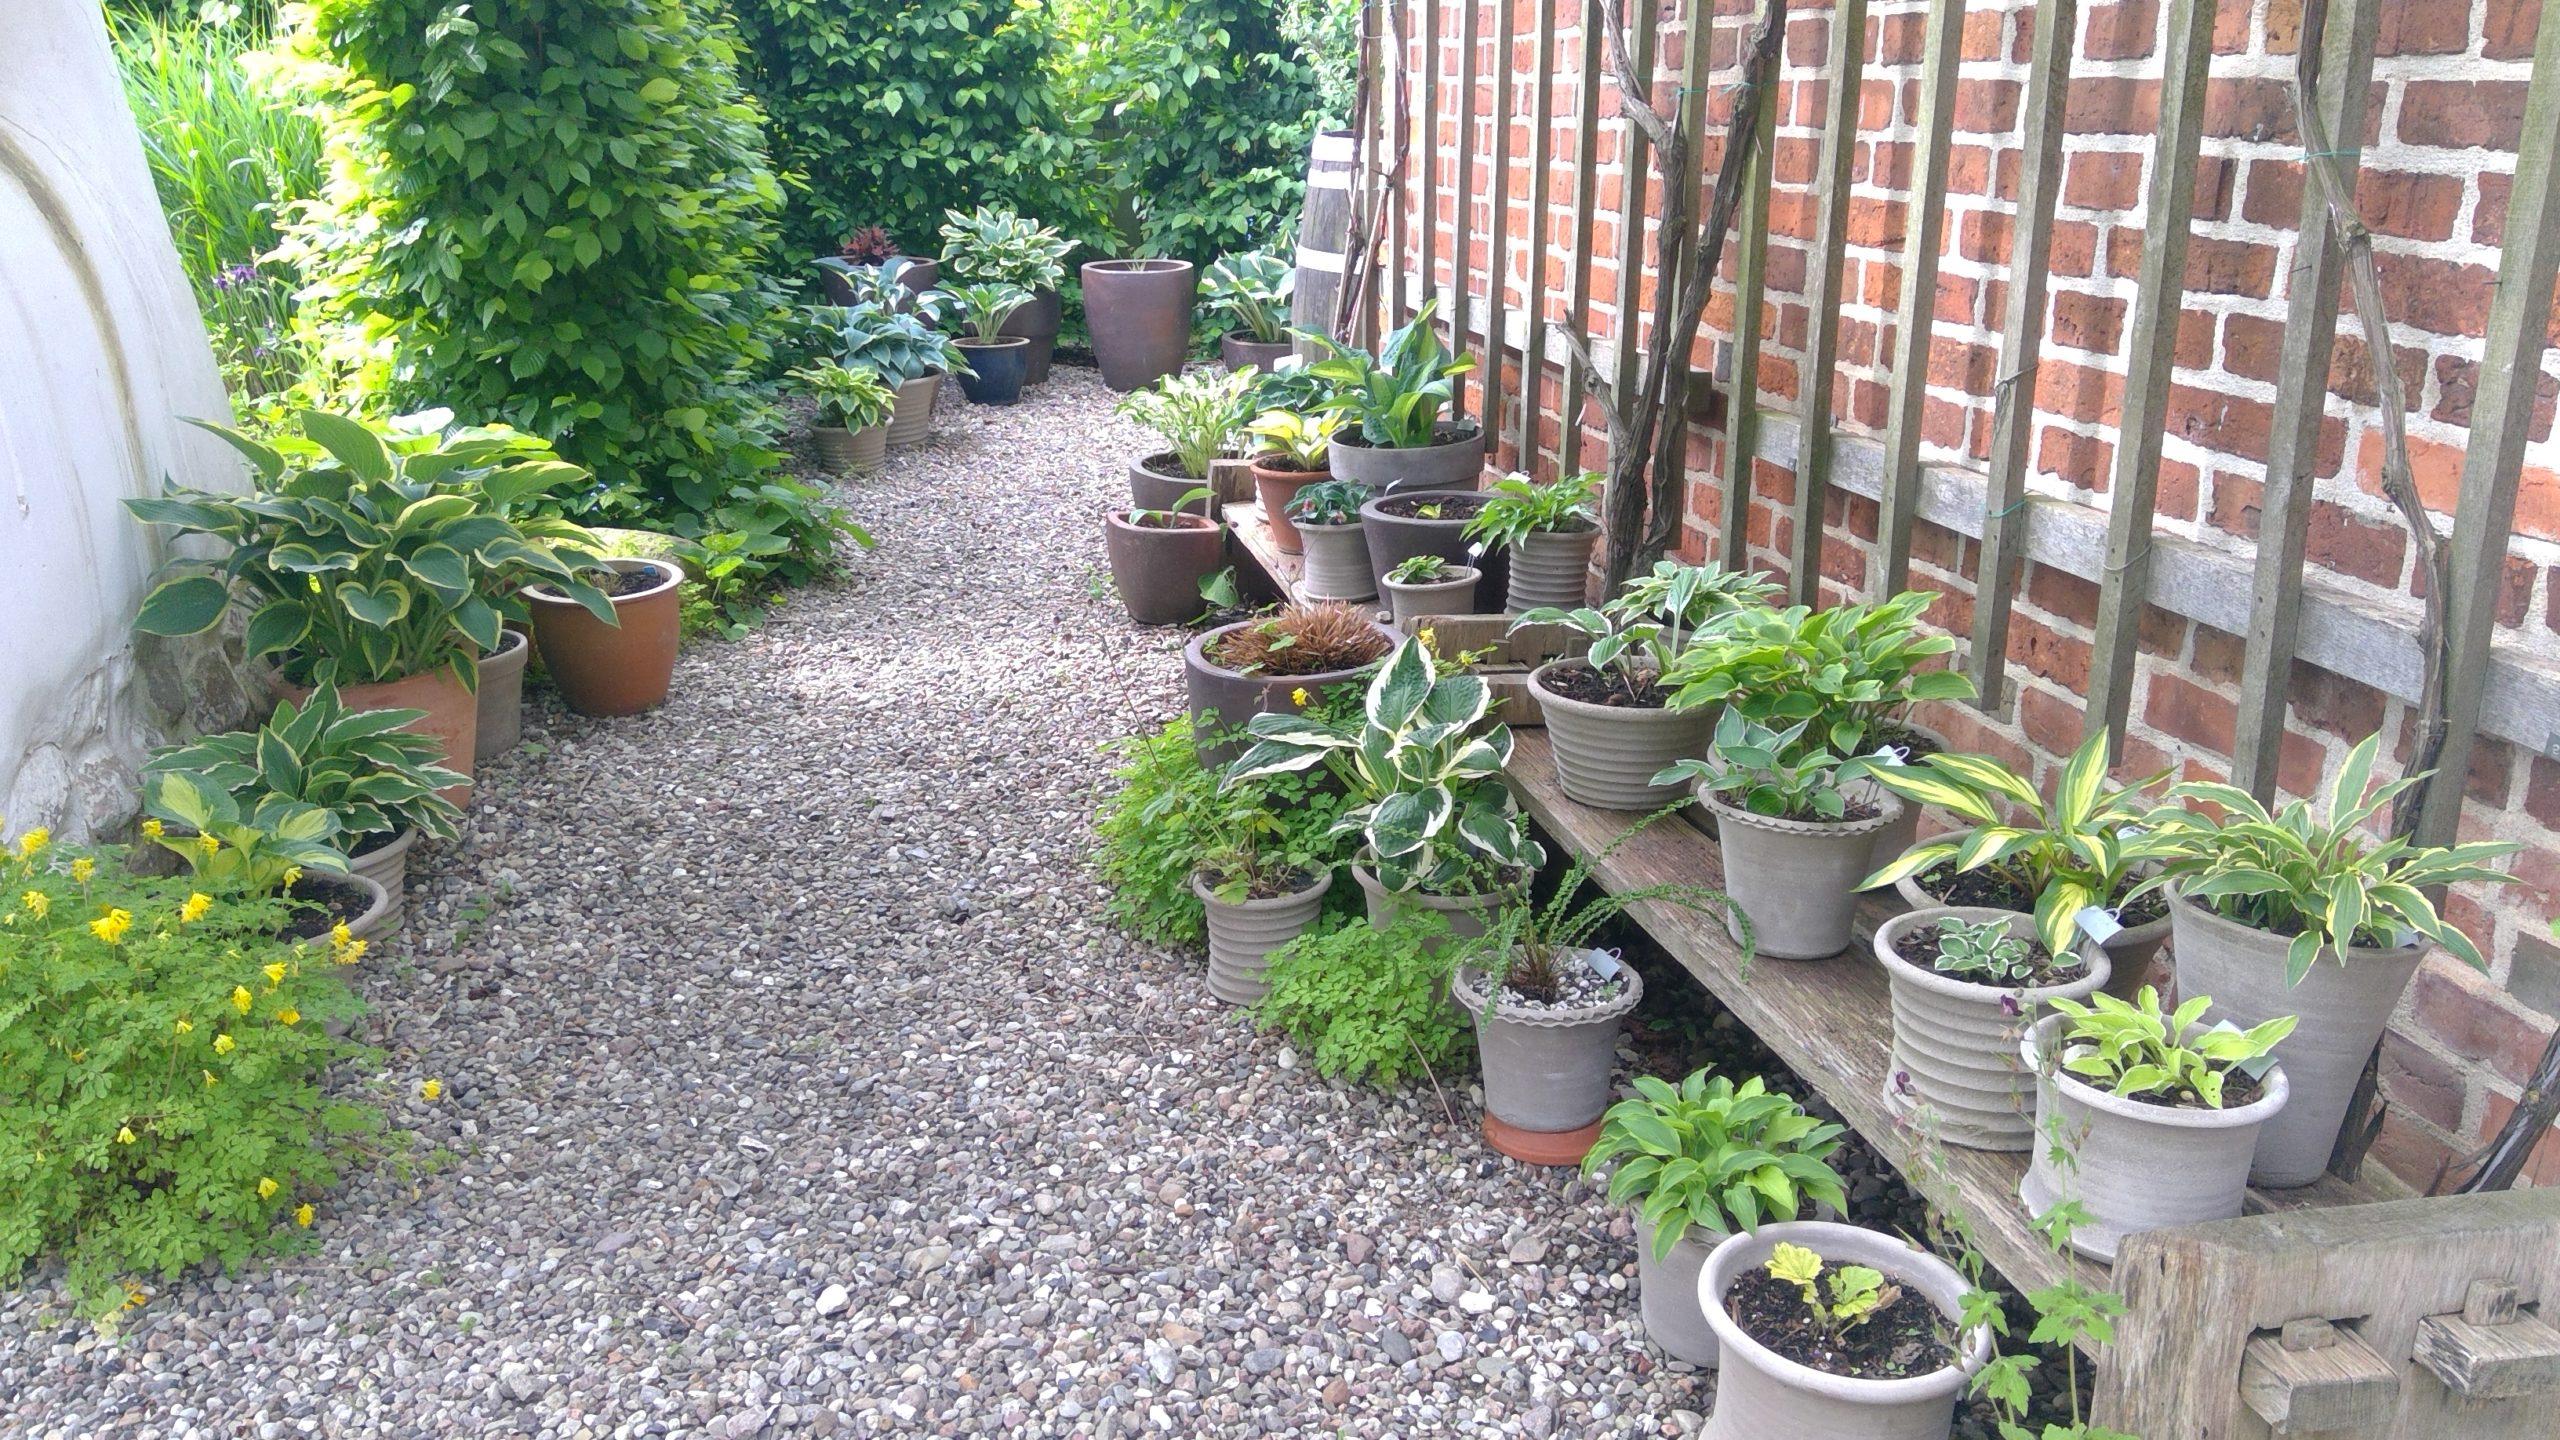 Viele Hostas sind in Töpfe und Kübel gepflanzt